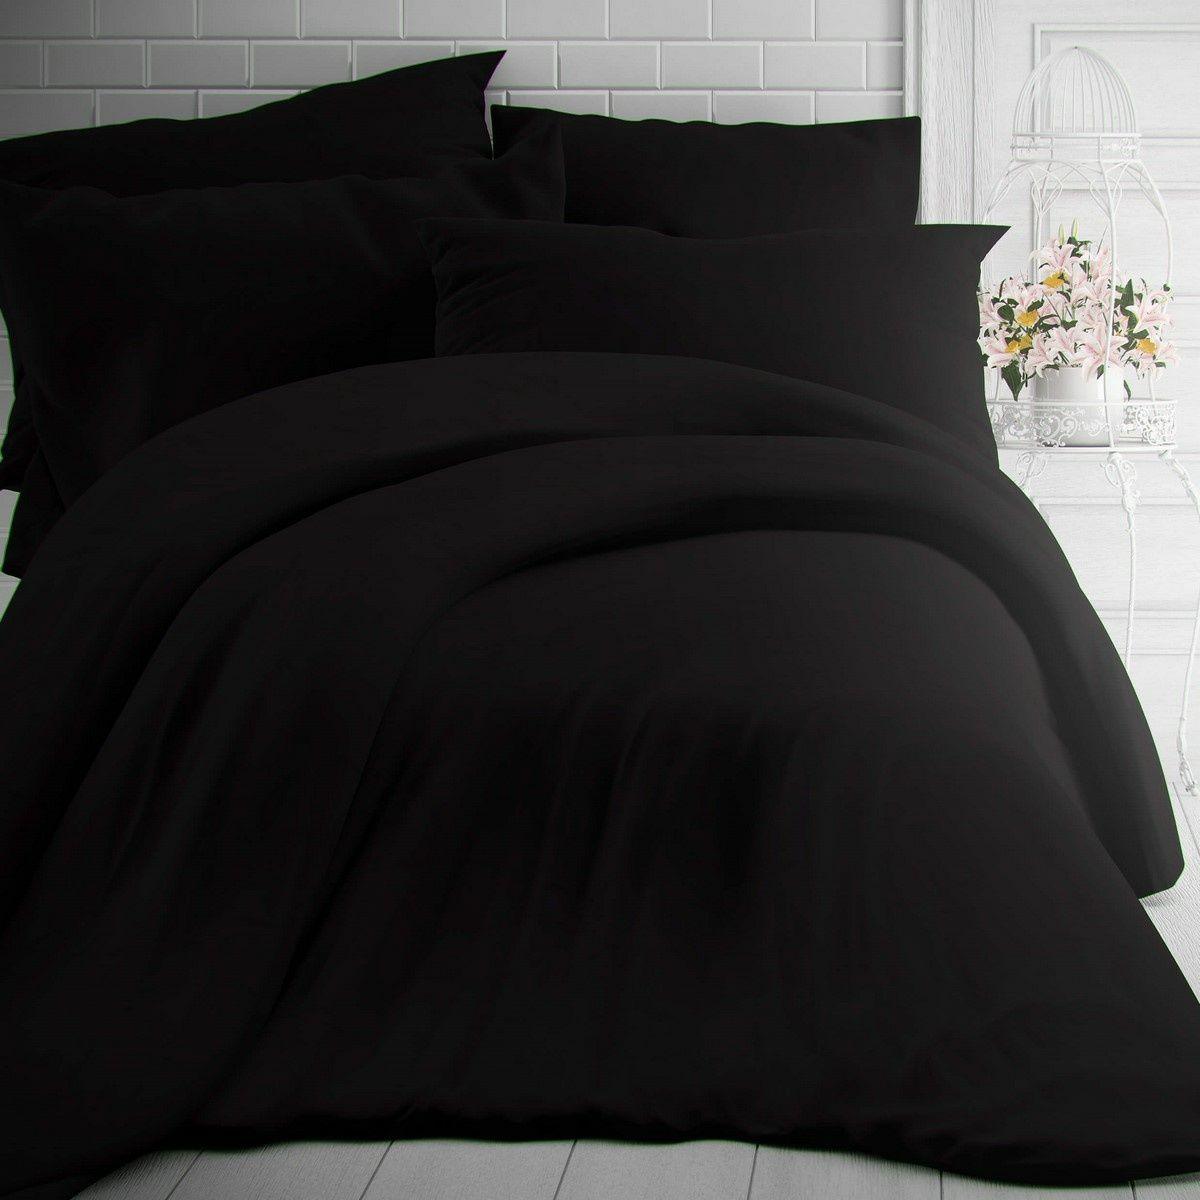 Kvalitex Pościel bawełniana czarna, 140 x 200 cm, 70 x 90 cm, 140 x 200 cm, 70 x 90 cm